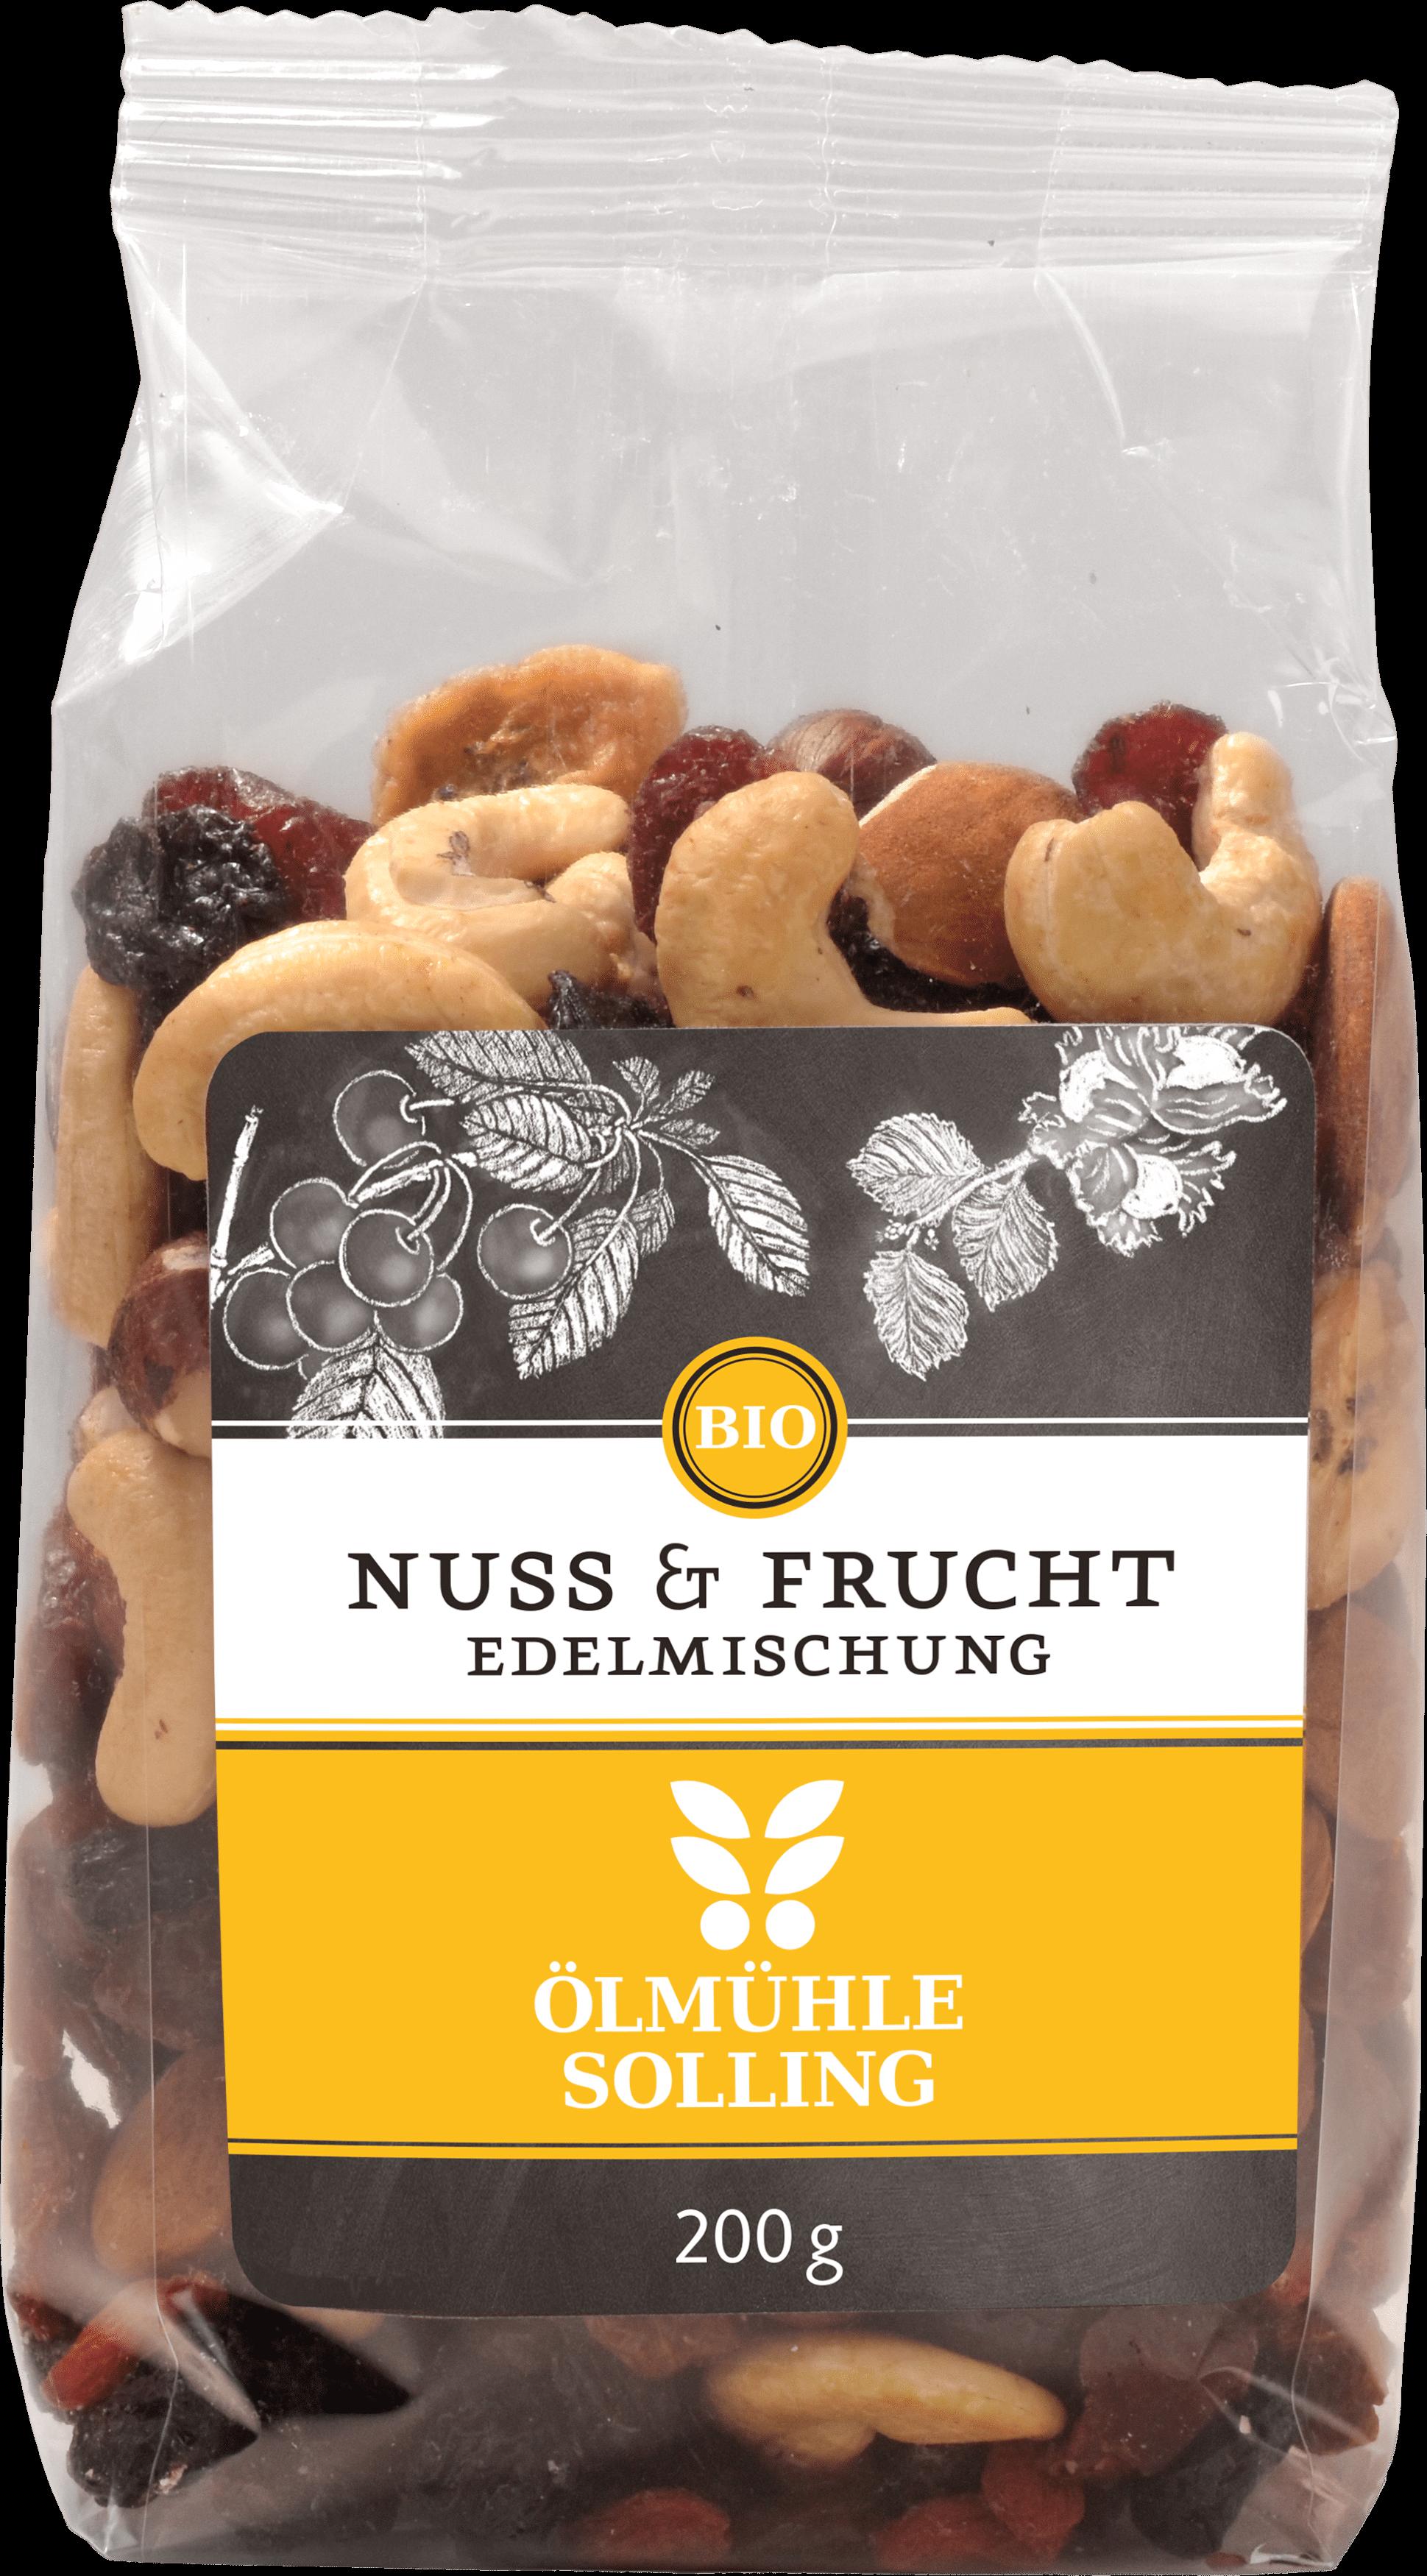 Nuss-Frucht Edelmischung 200 g von Ölmühle Solling